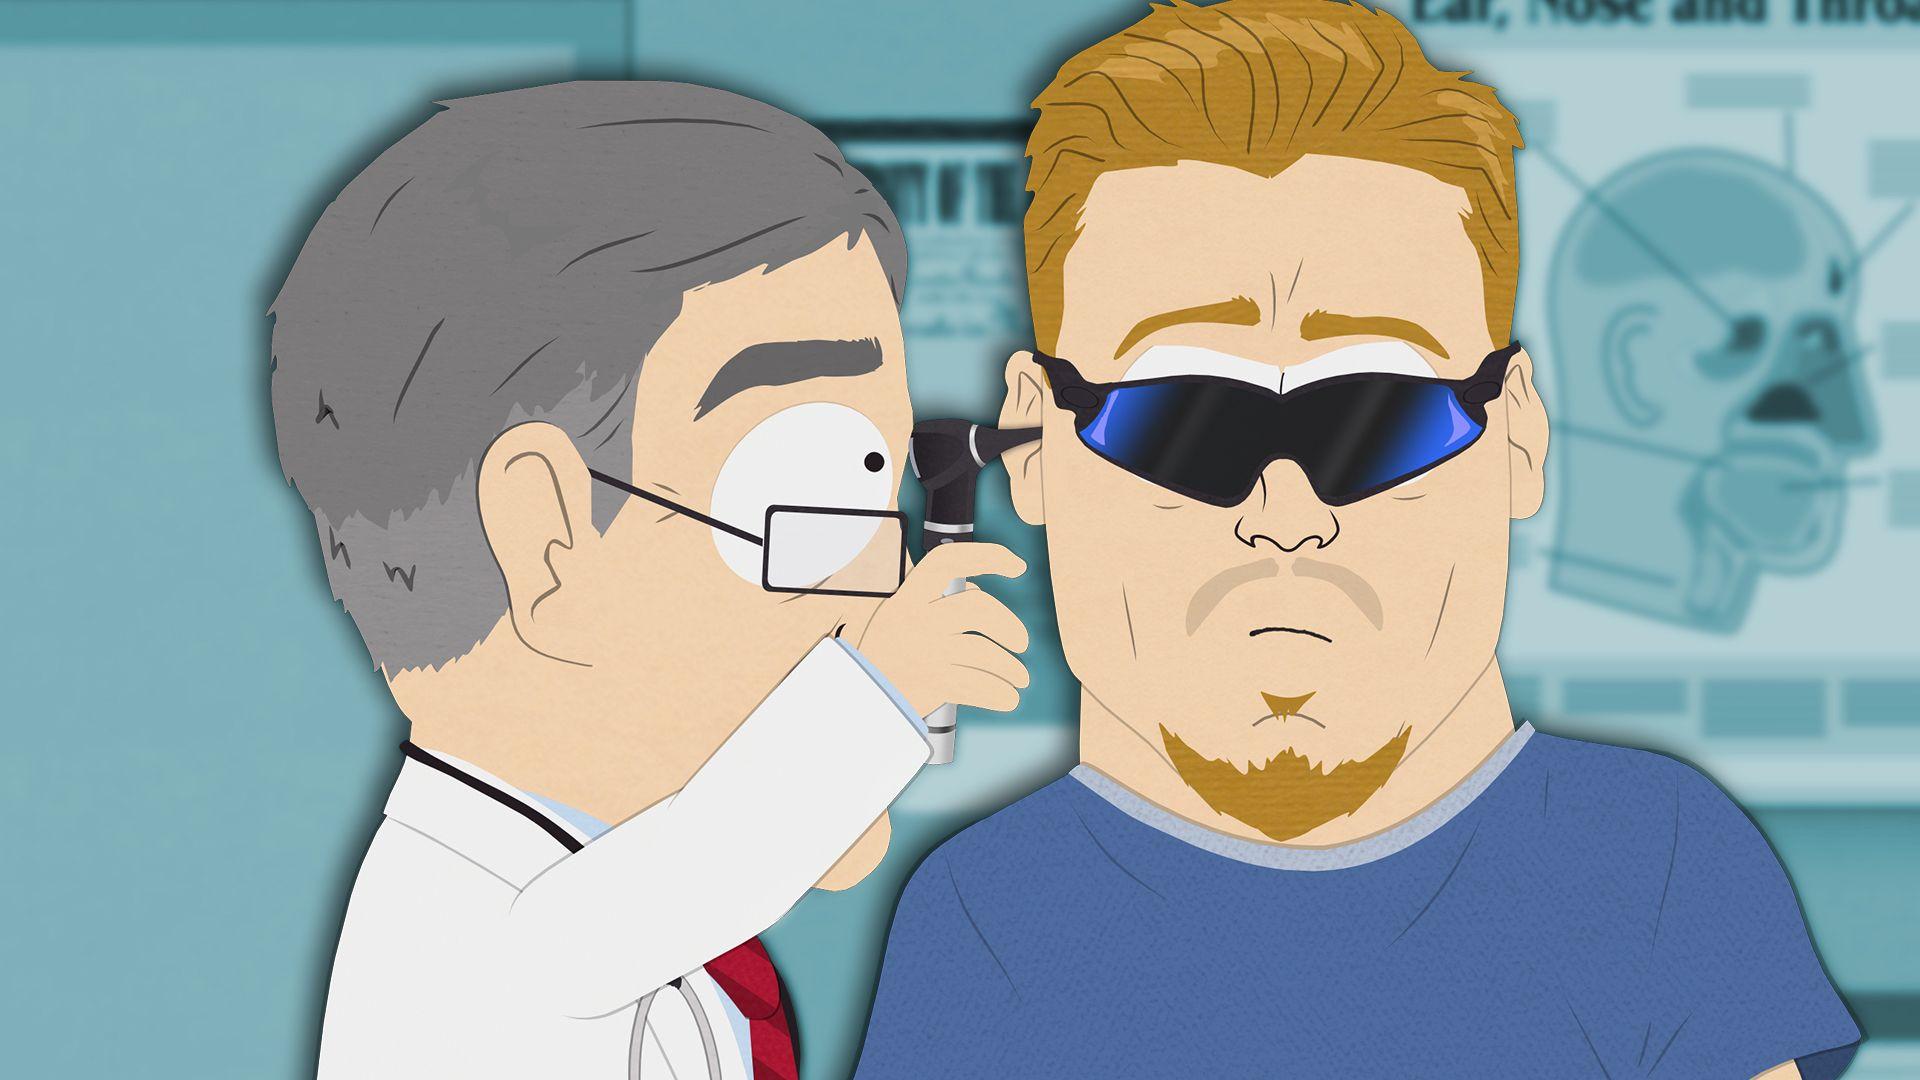 south park season 19 episode 9 comedy central csi miami season 4